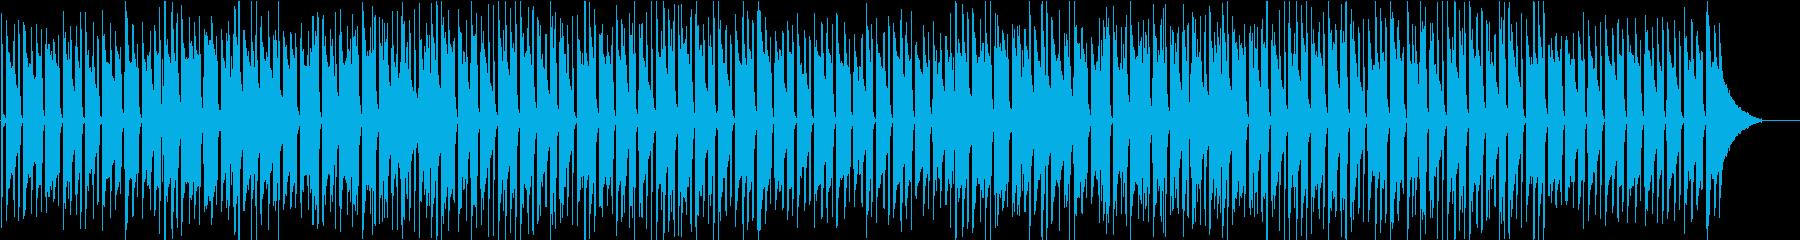 【リズム抜き】ギターが心地よいボサノバの再生済みの波形